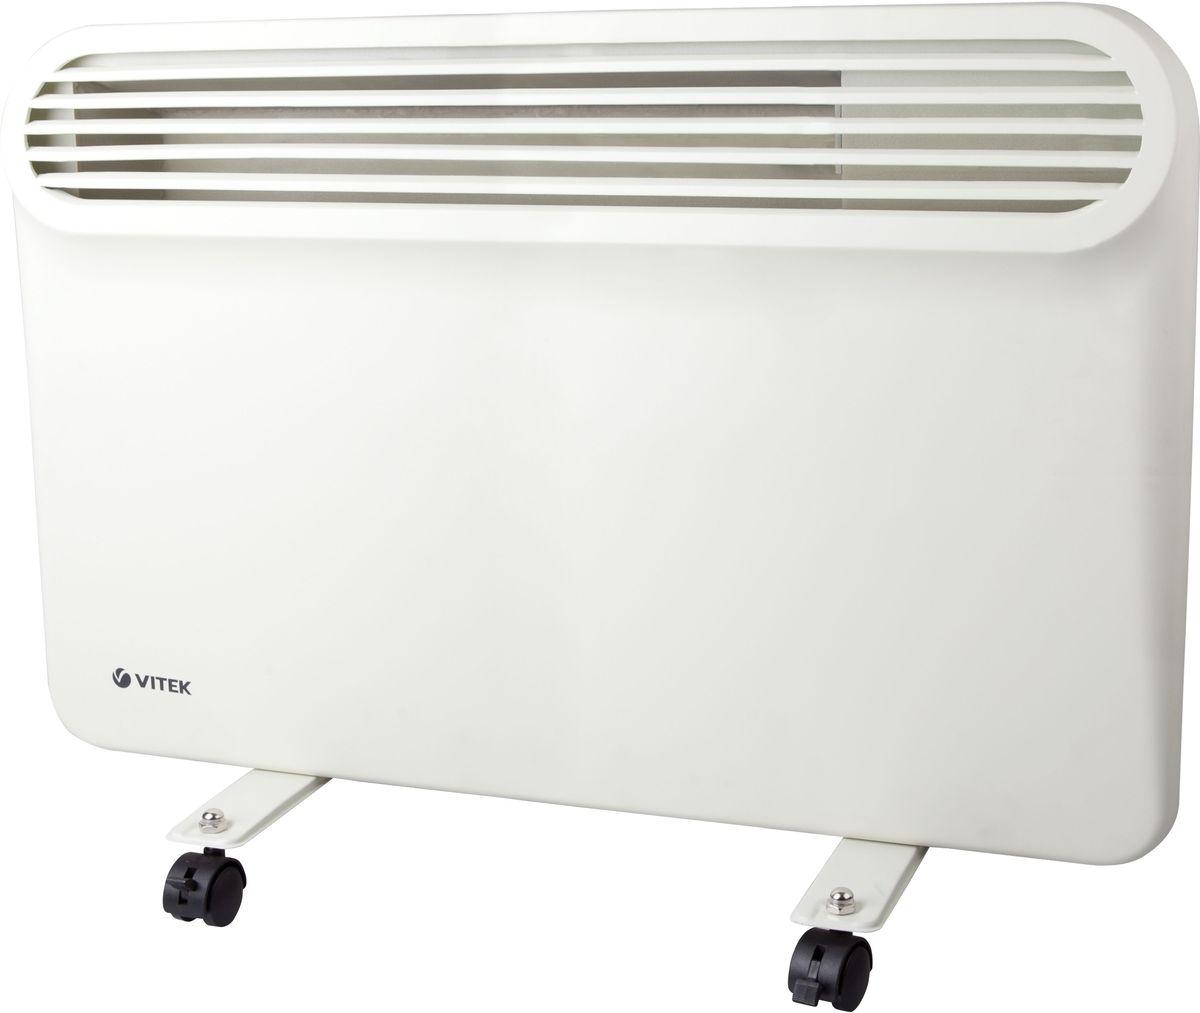 Vitek VT-2151(W) конвектор электрическийVT-2151(W)В дождливые осенние вечера, когда централизованное отопление еще не включено, сделать помещение теплым и уютным вам поможет конвектор Vitek VT-2151. Компактная модель совмещает в себе все необходимые функции, которые обеспечивают комфортное использование техники. Встроенный термостат всегда поддержит заданную температуру. Отключение при перегреве исключит возможность поломки устройства. Специальная защита не позволит переключить режим работы устройства детям без ведома родителей. Данный конвектор отлично подходит для помещений до 20 квадратных метров. При этом по желанию вы можете смело повесить его на стену!Как выбрать обогреватель. Статья OZON Гид